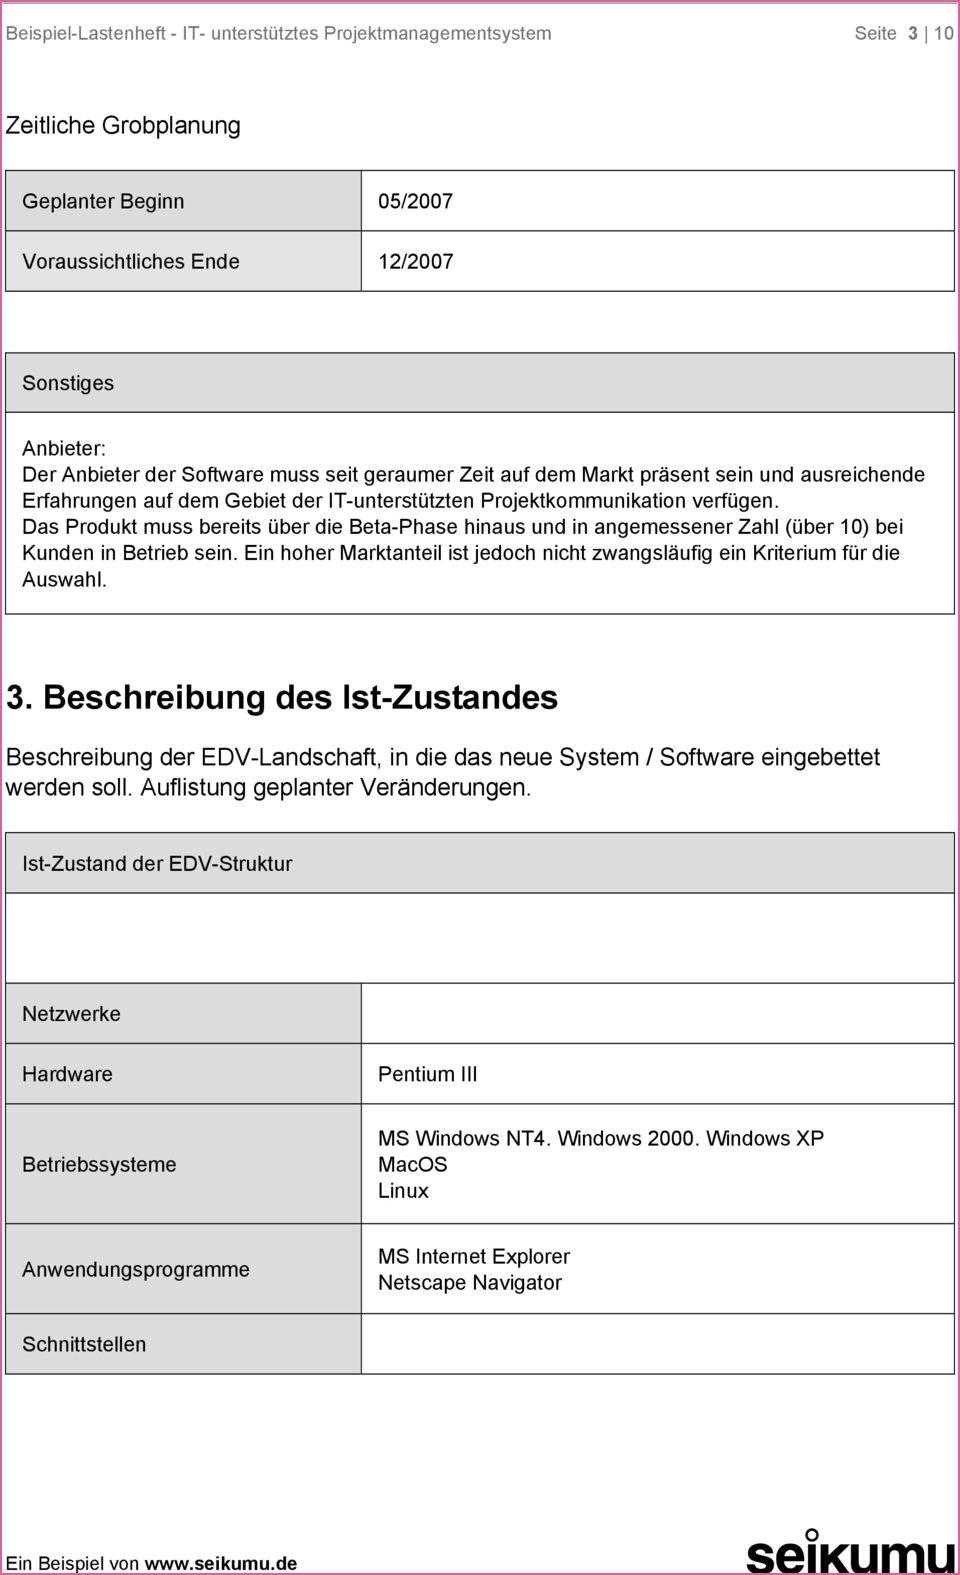 Nett Lastenheft Beispiel Maschinenbau In 2020 Projekt Planung Maschinenbau Prinzipien